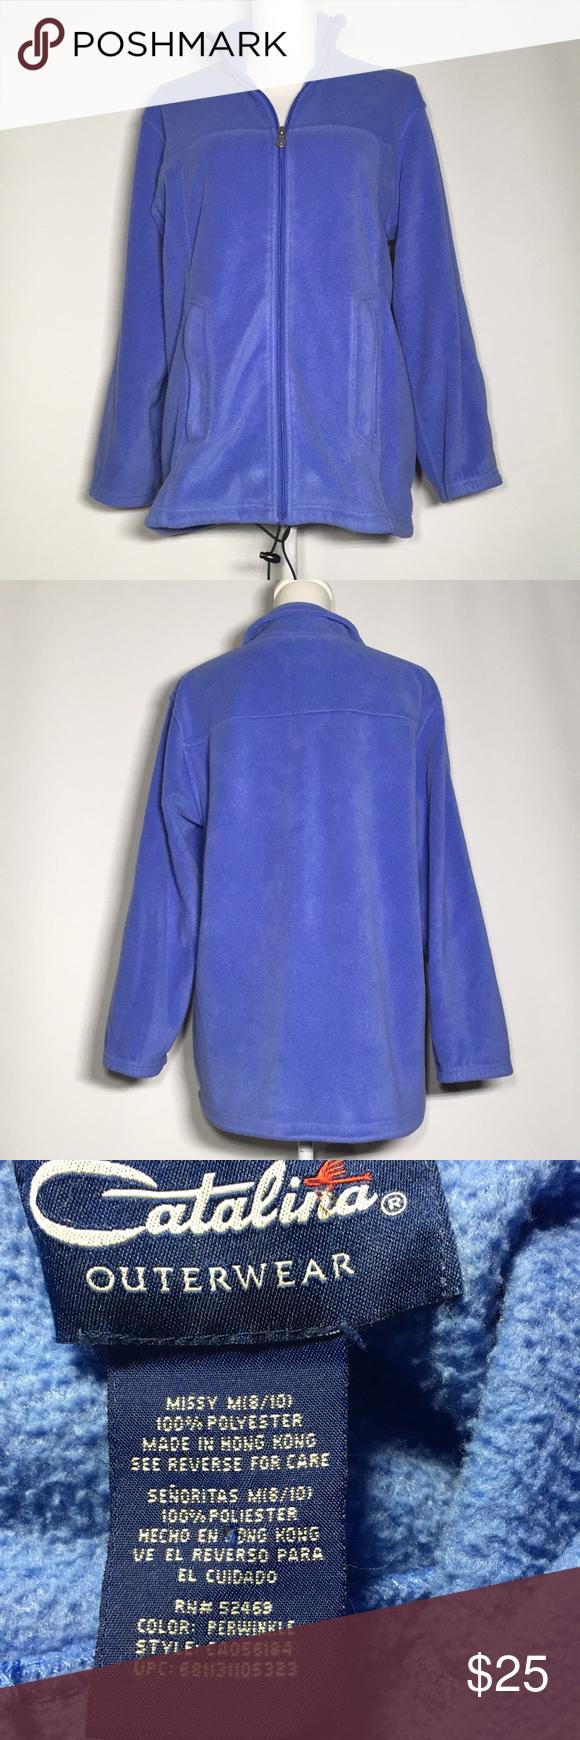 Catalina Fleece Jacket Missy Medium 8 10 Fleece Jacket Jackets Clothes Design [ 1740 x 580 Pixel ]